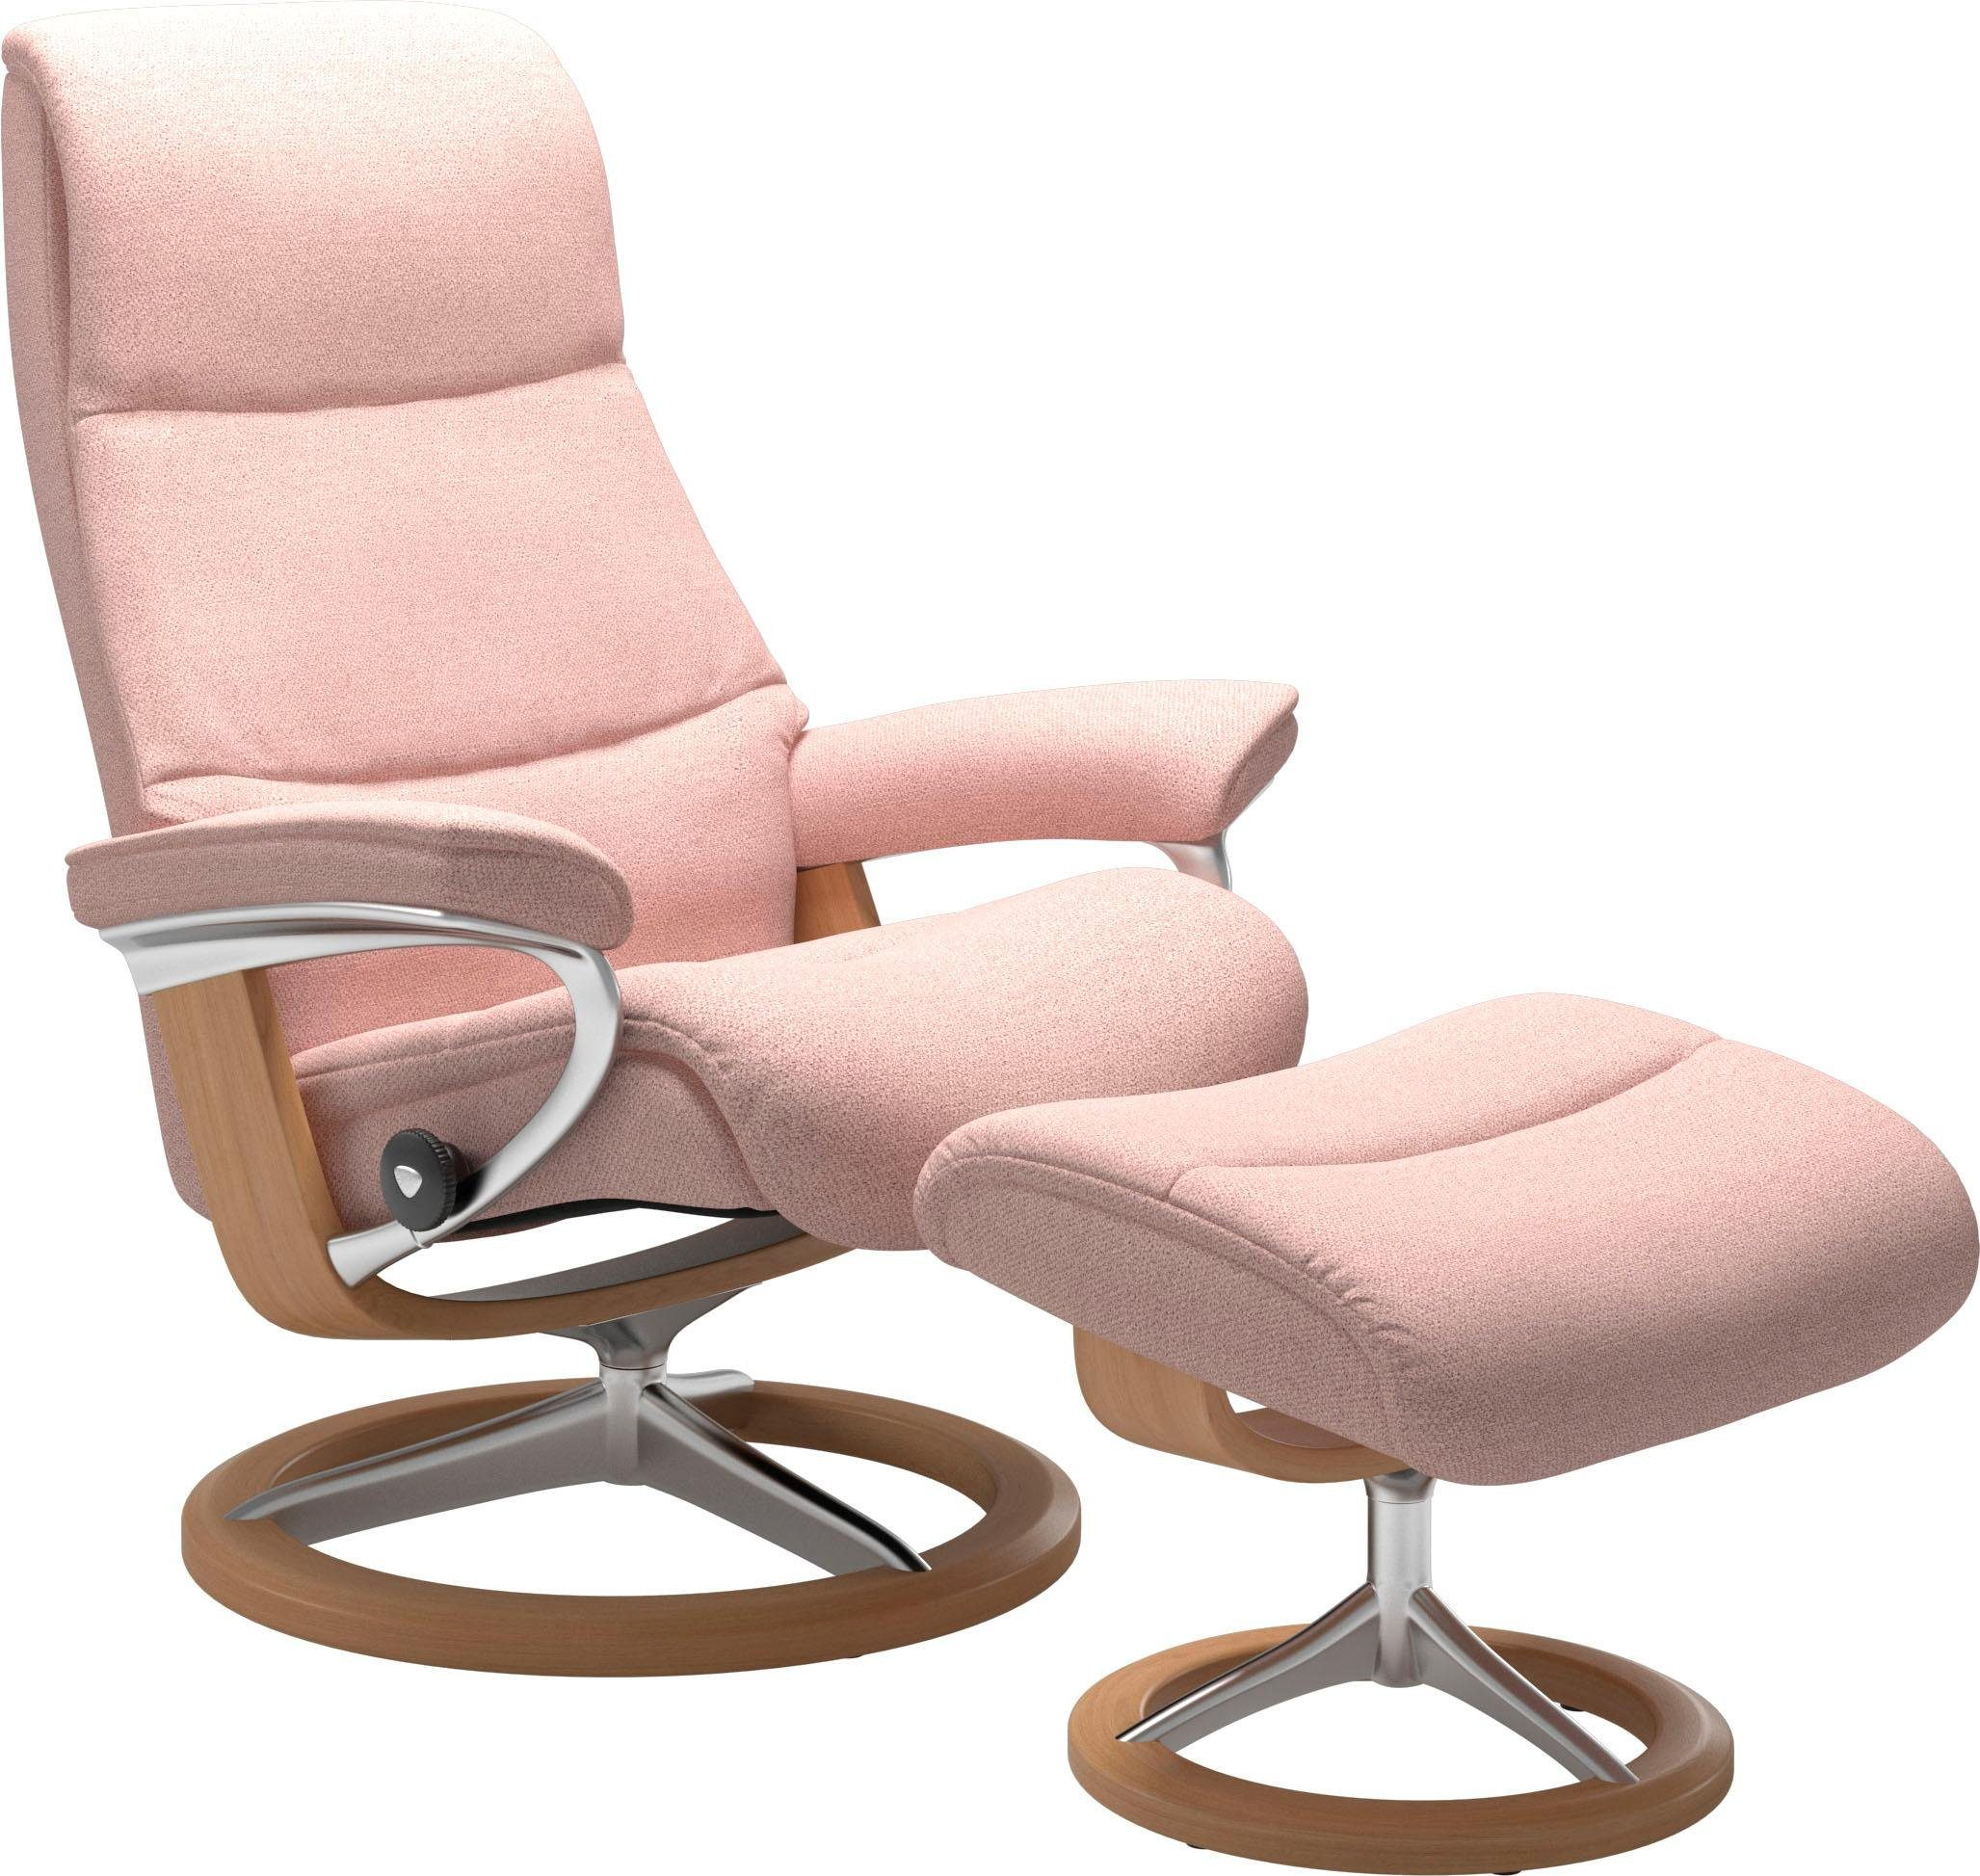 Stressless® Relaxsessel »View« (Set), mit Signature Base, Größe M,Gestell Eiche online kaufen | OTTO